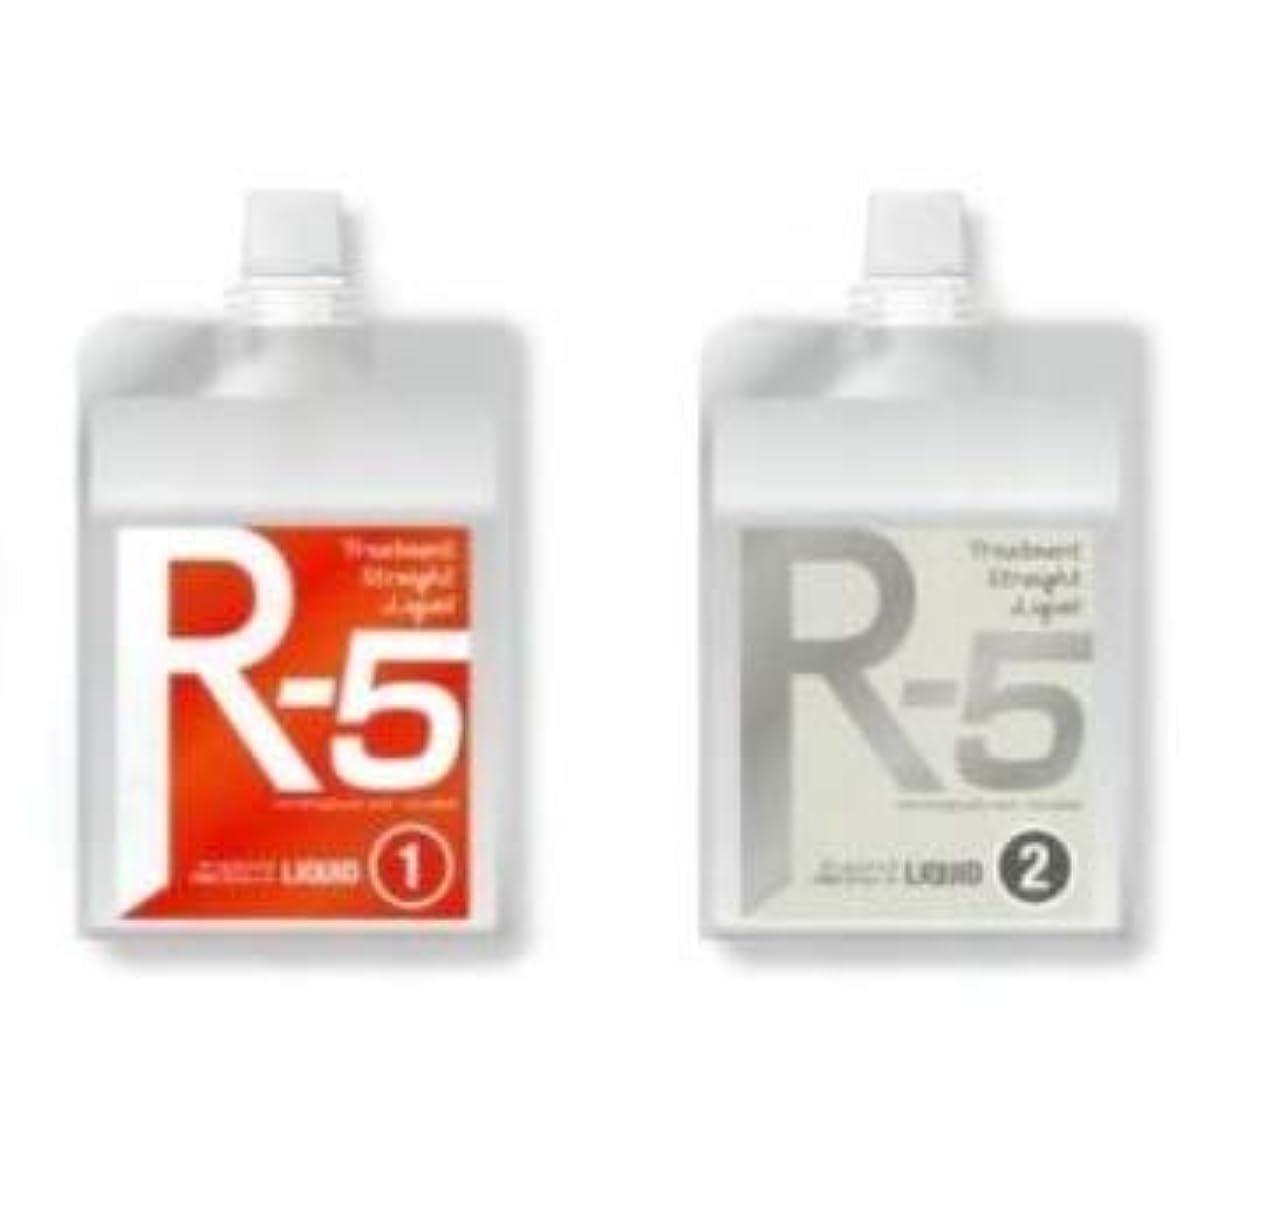 地下最大化する痛いCMCトリートメントストレート R-5 レッド(レギュラー) ストレート剤 ダメージレス